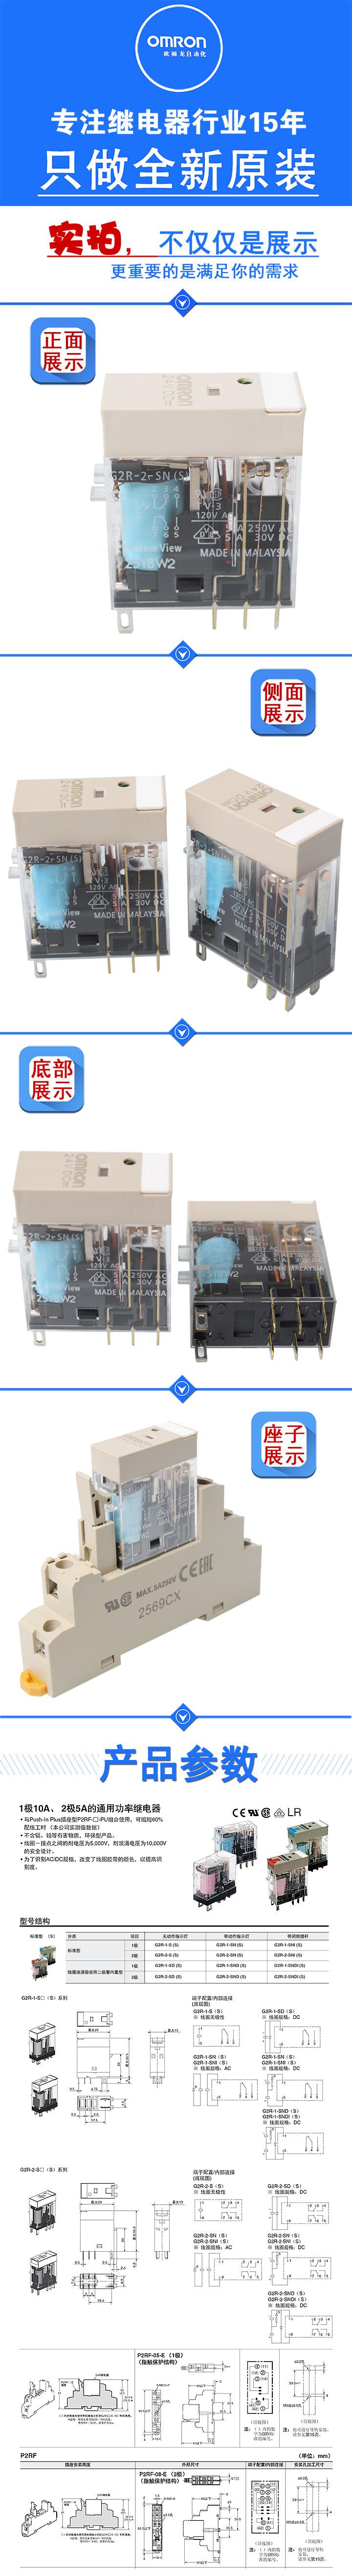 G2R-2-SN-DC24(S)_01